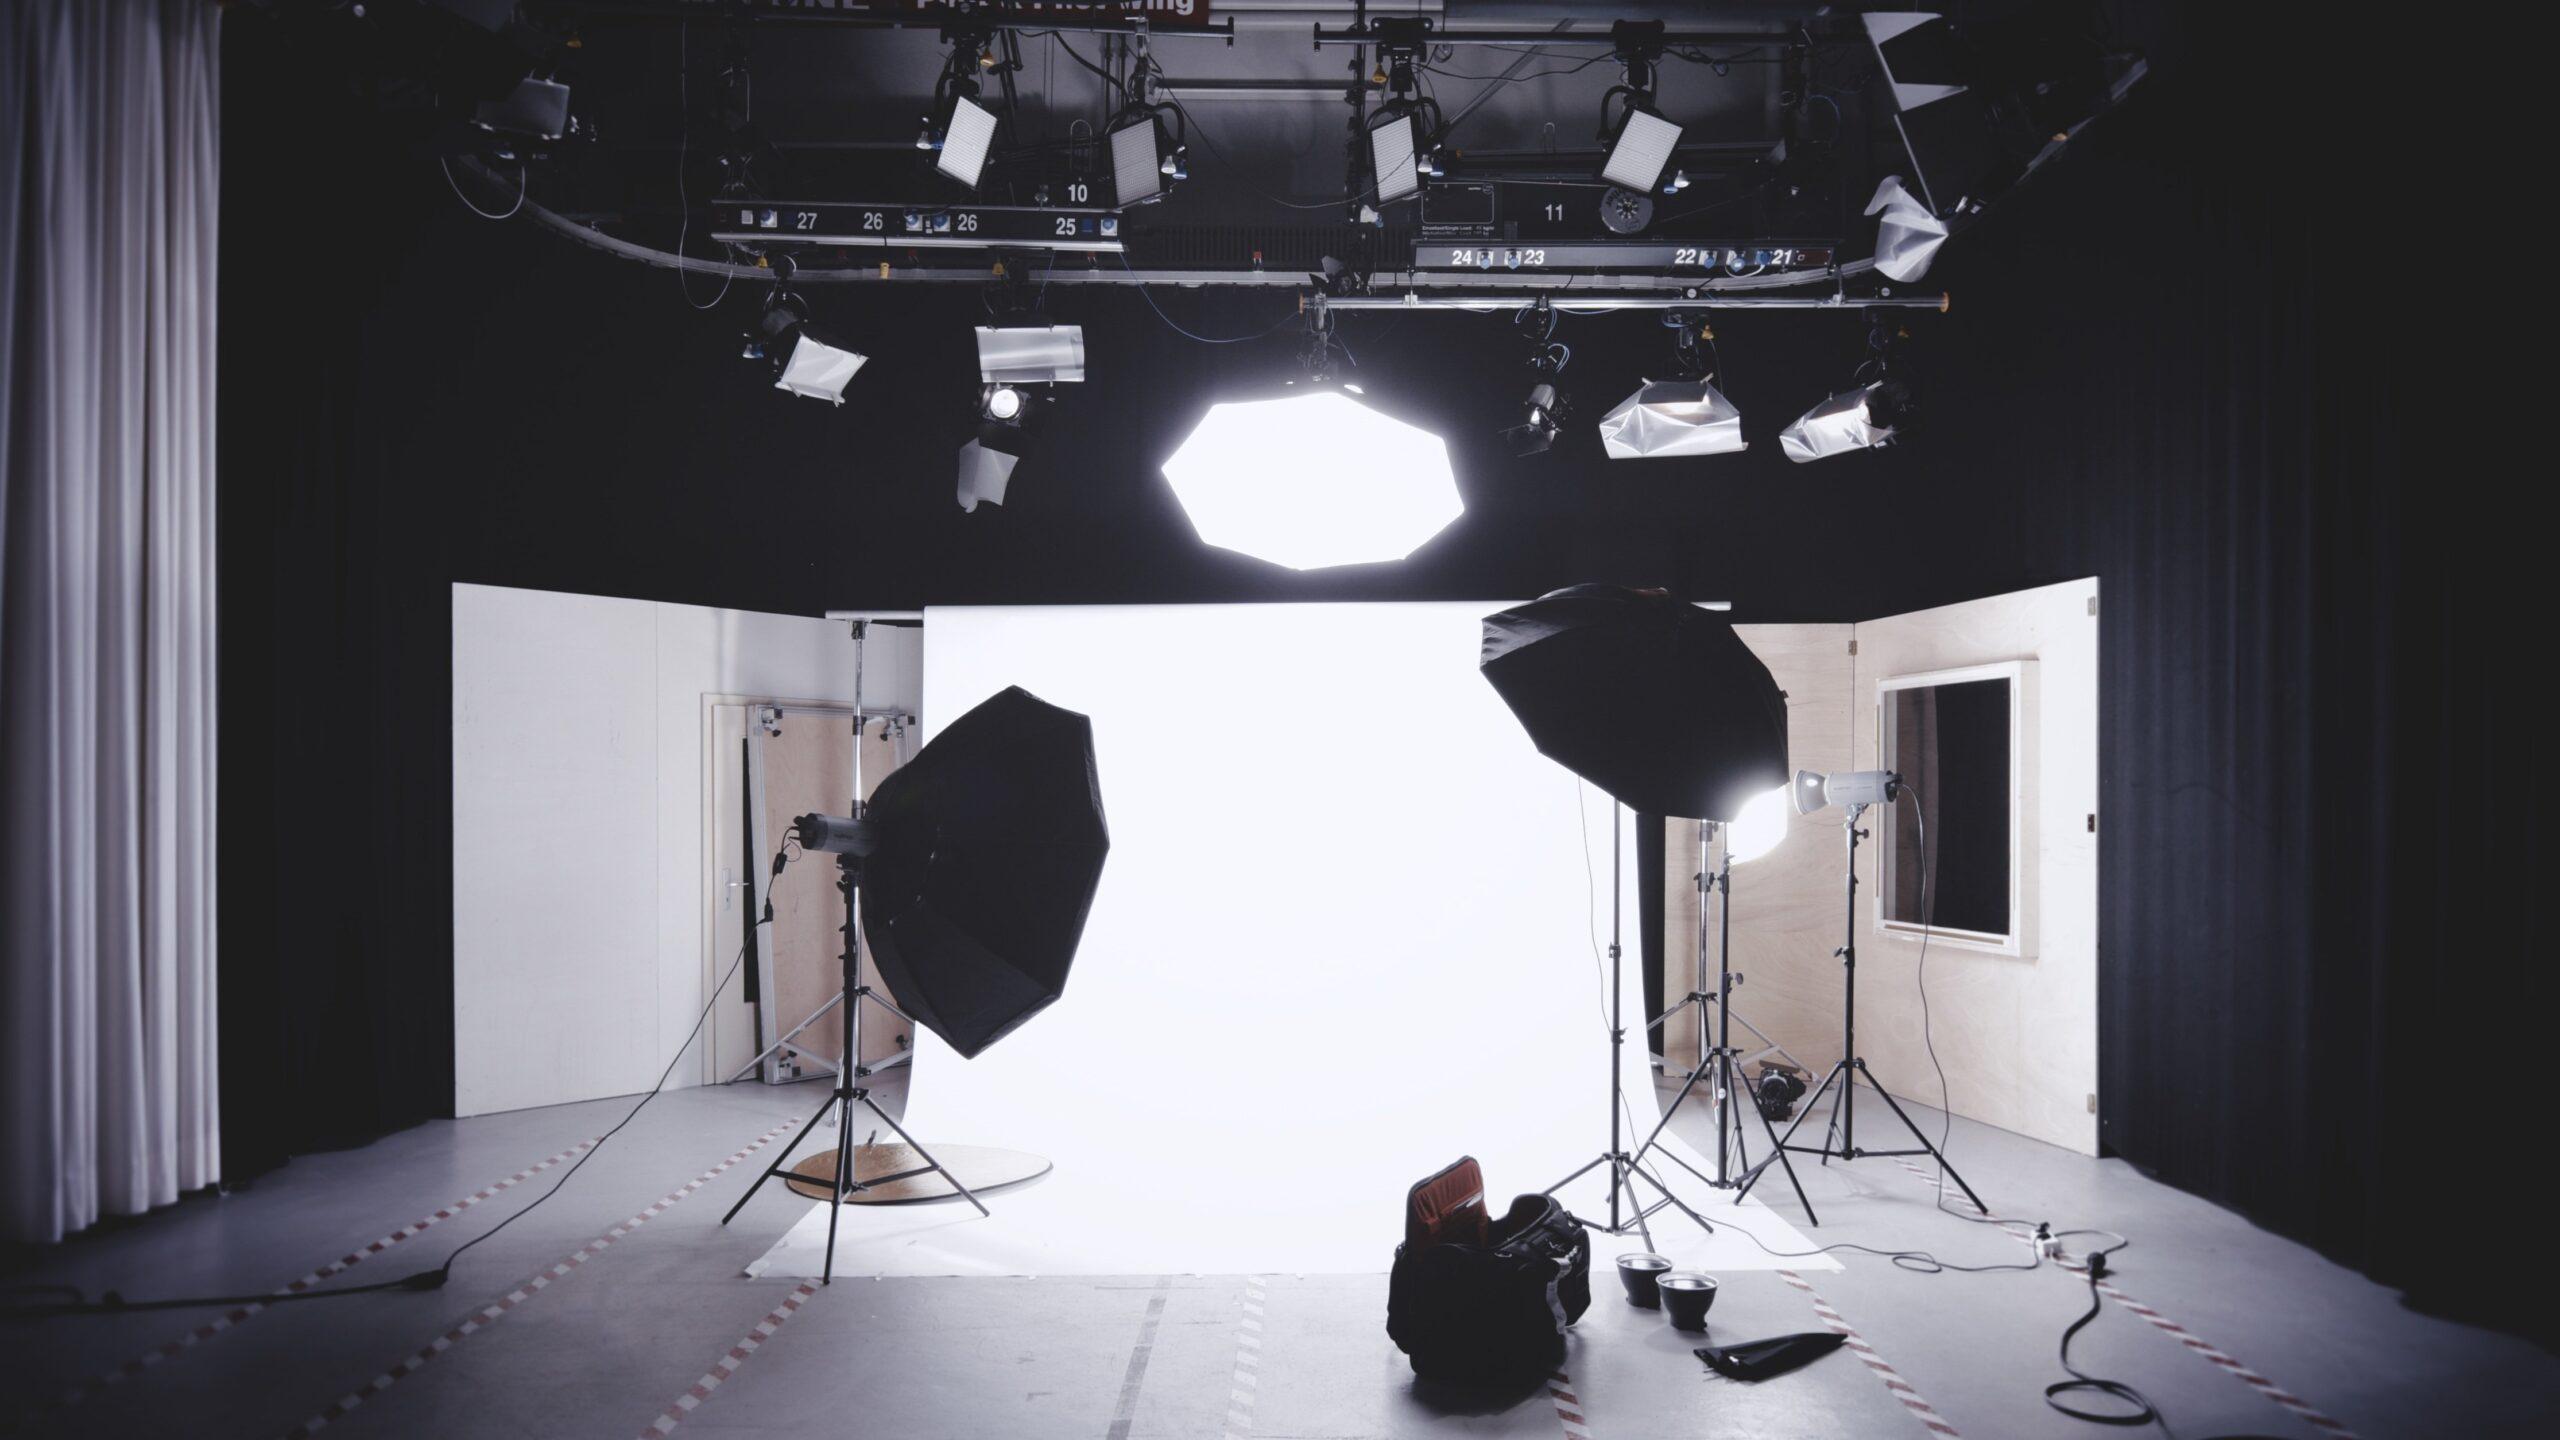 【最高クオリティー版】演奏動画の配信やオンラインレッスンを始める方法【機材準備編】